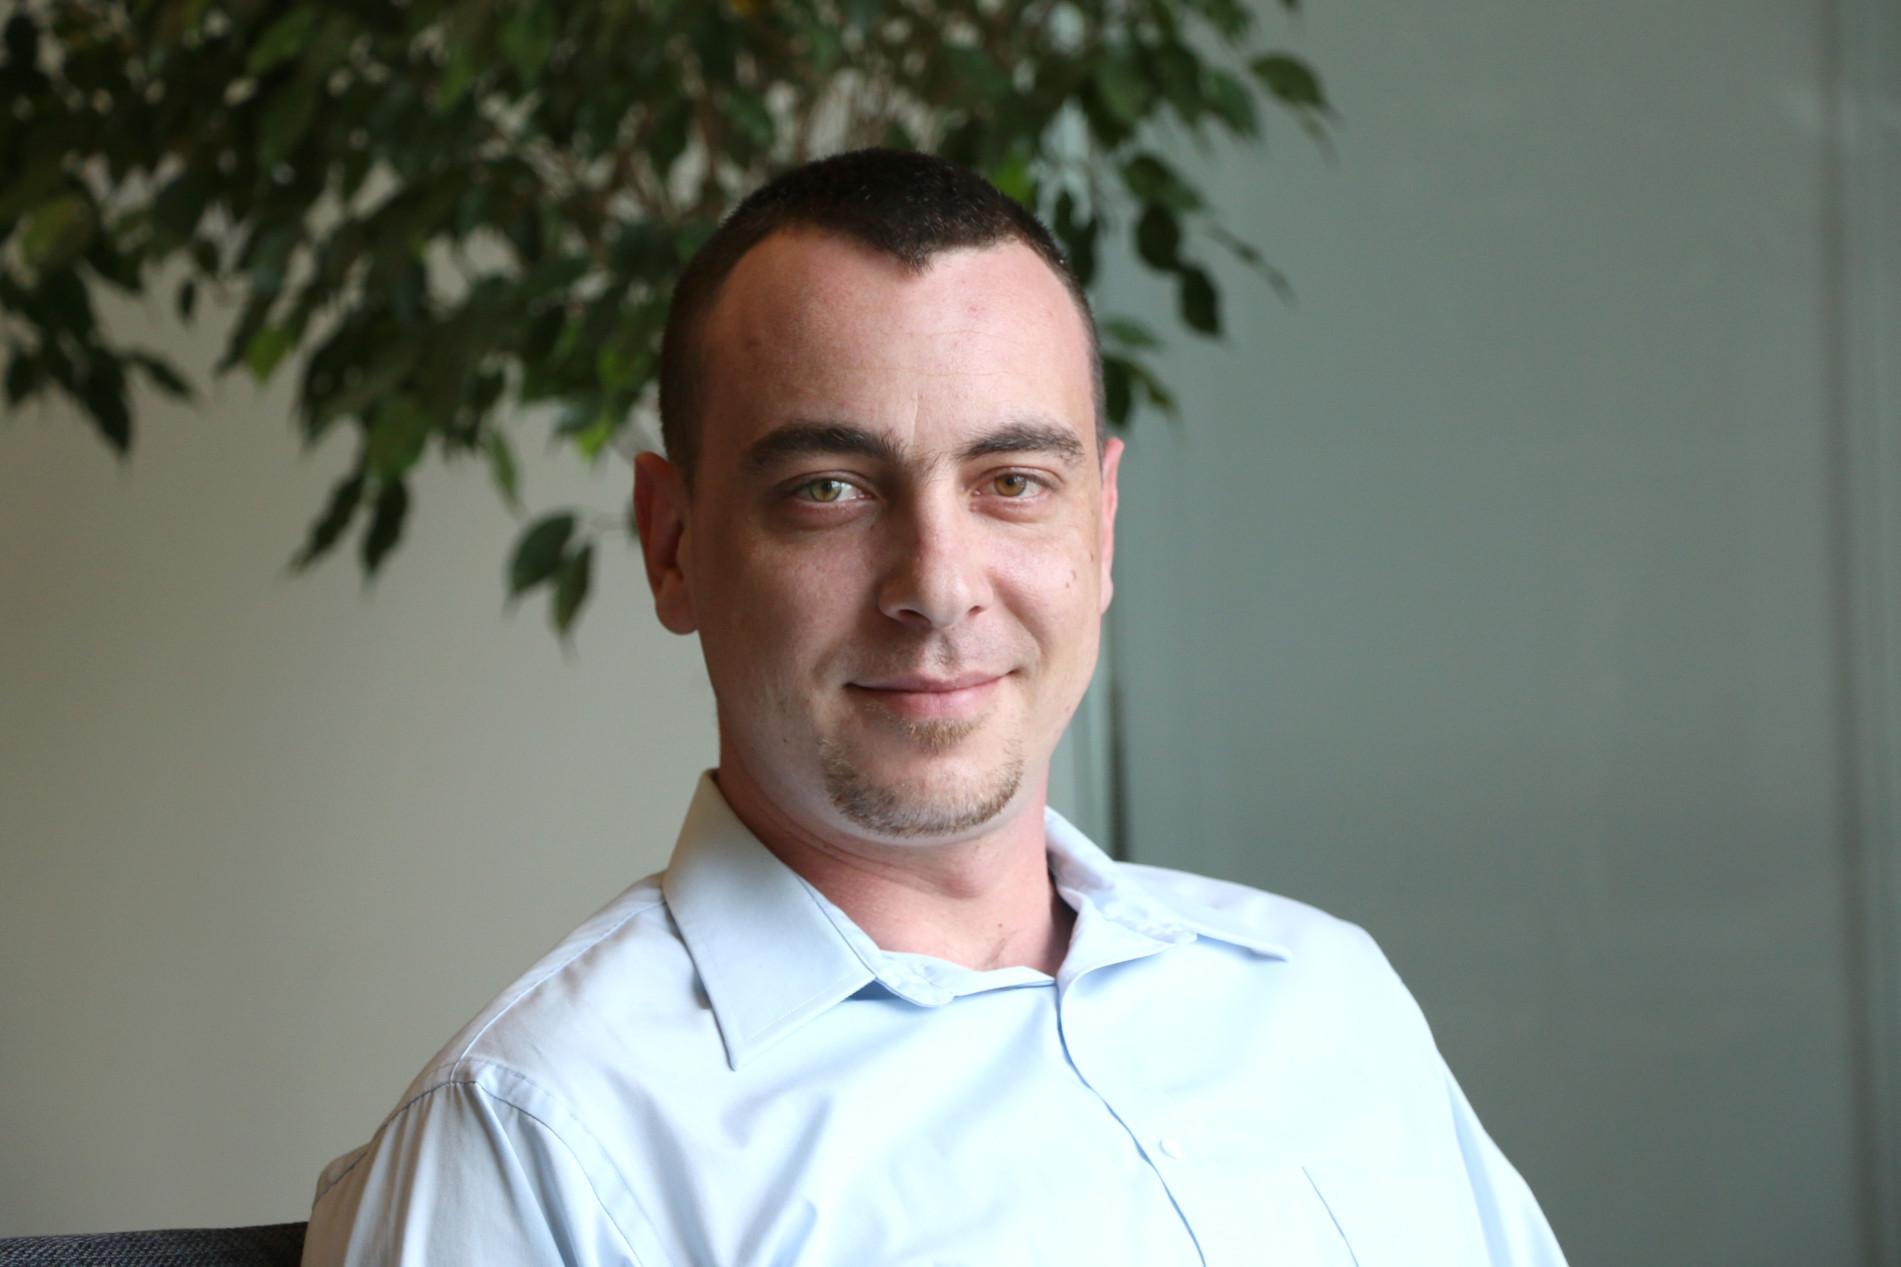 Adam Szymanski